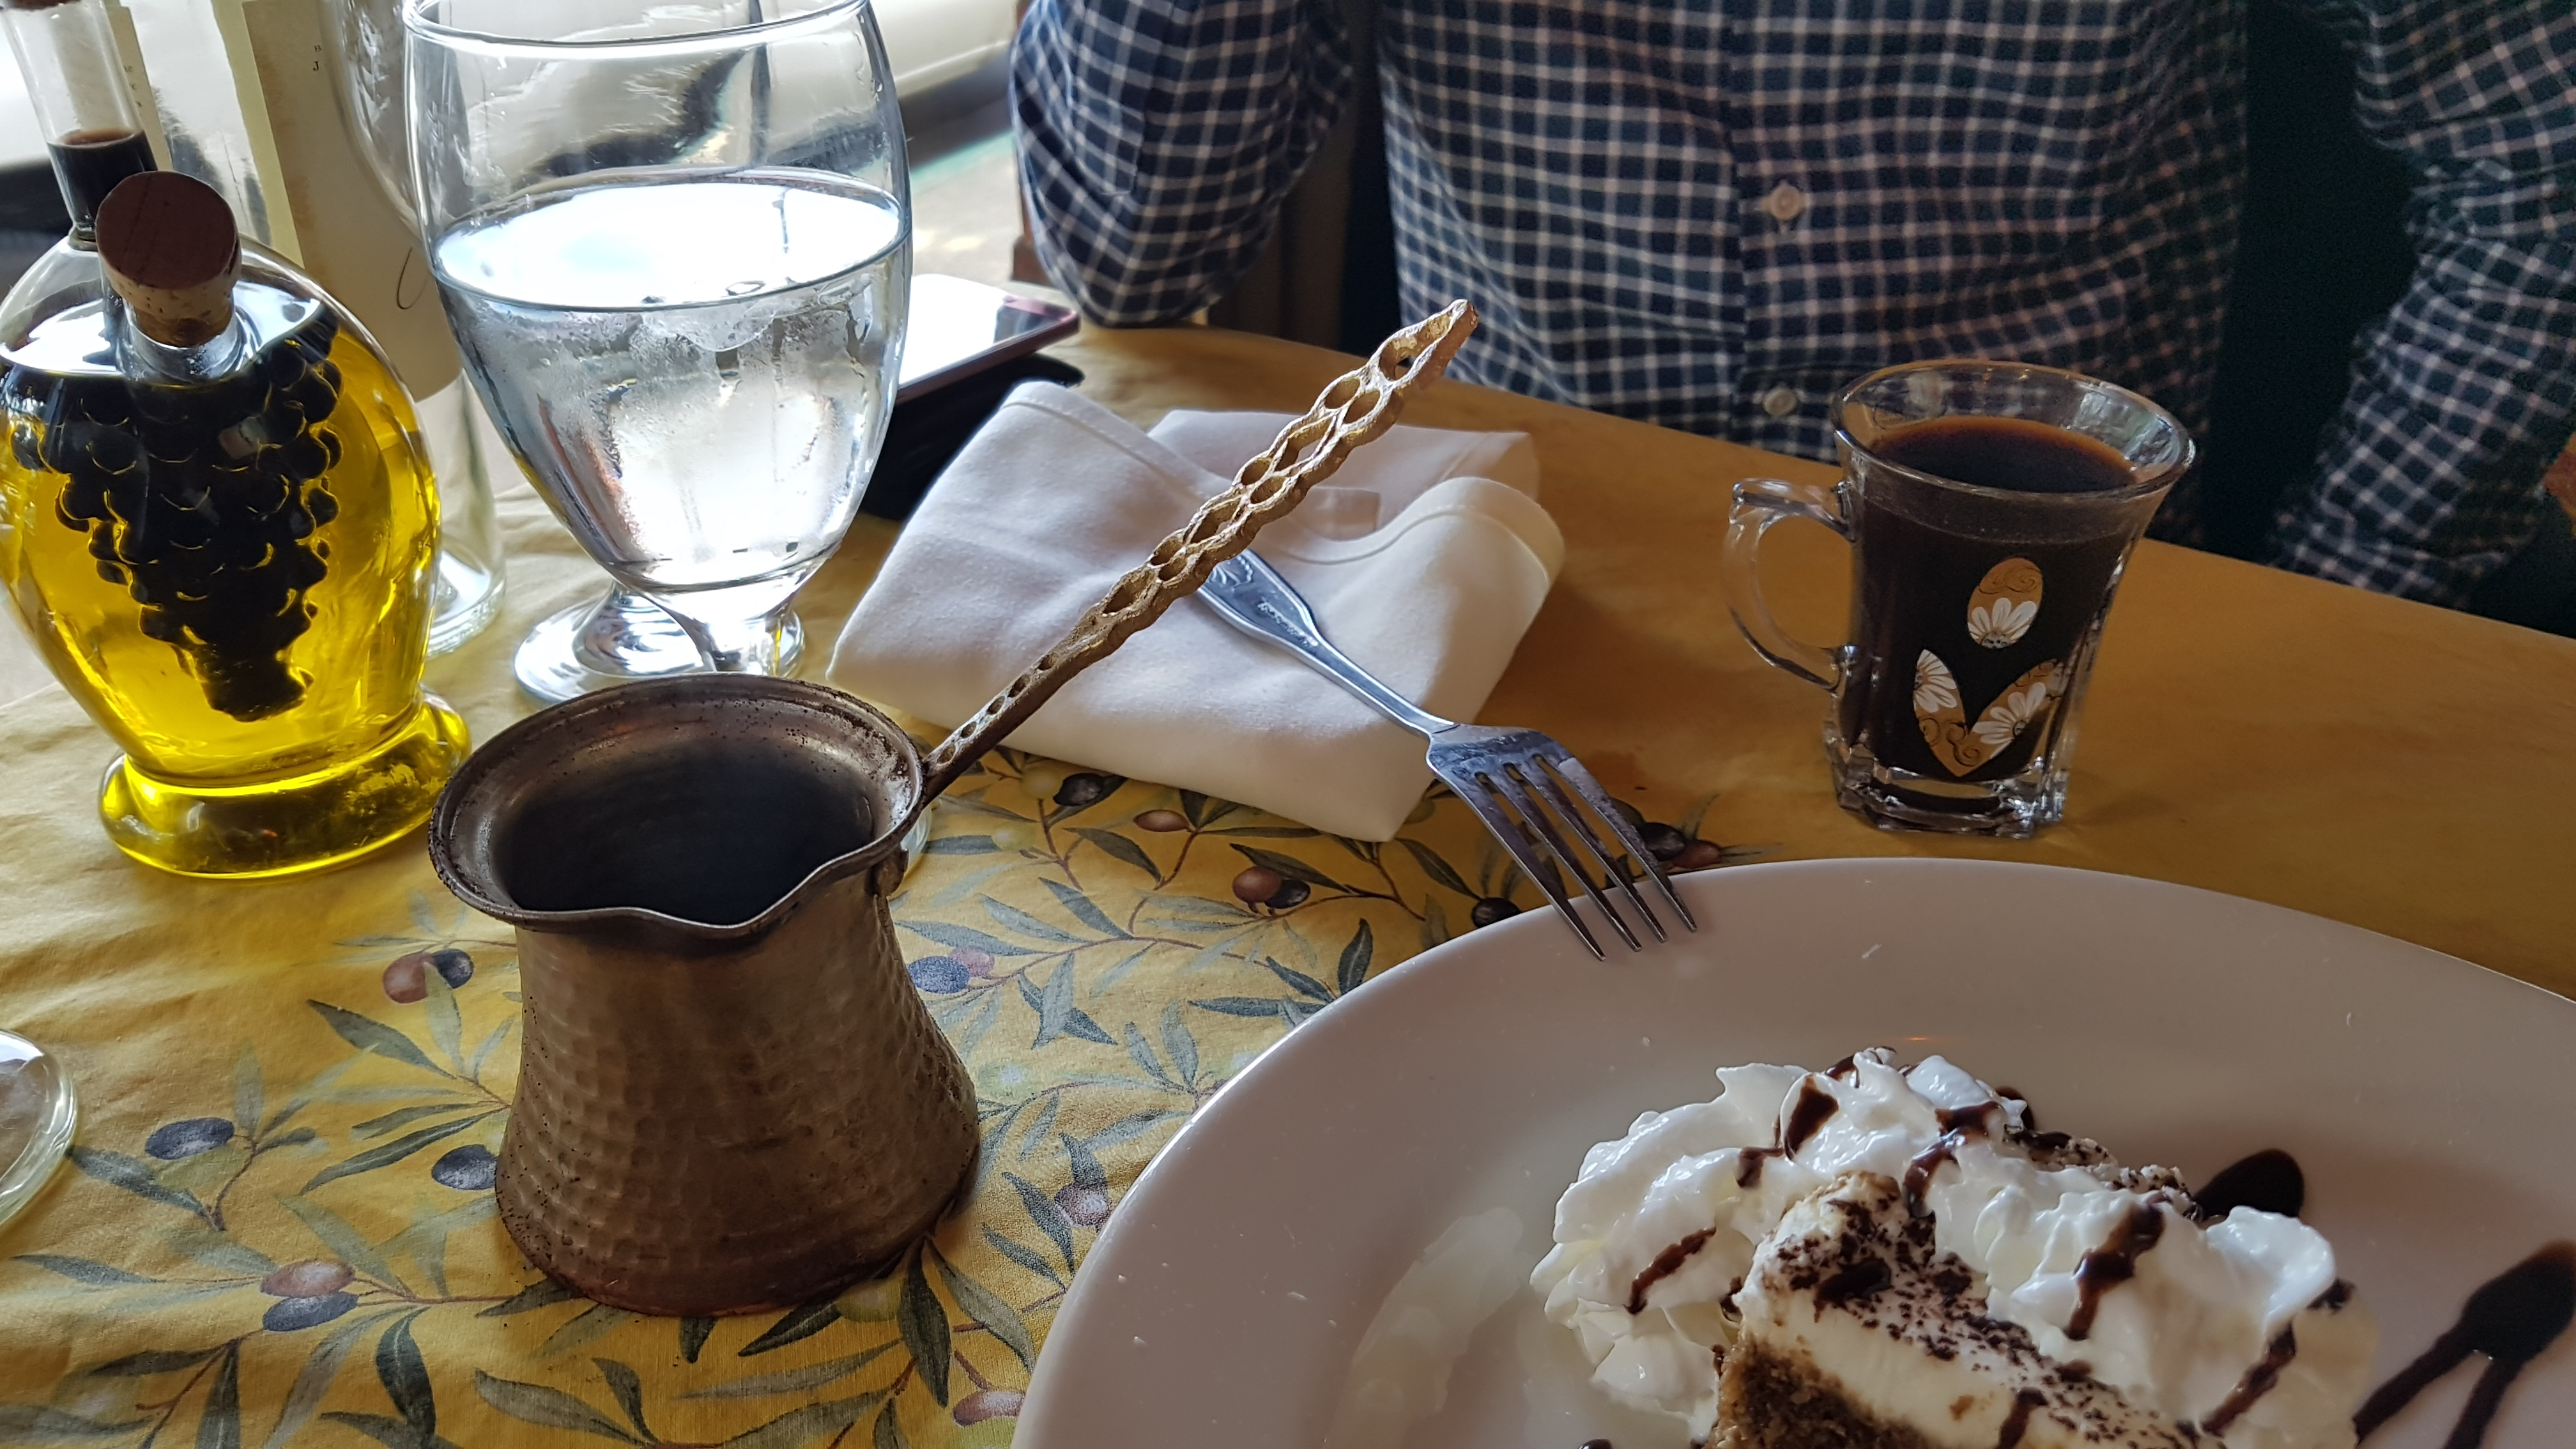 1번 국도, 1번 도로, Baklava, Boudin, camel by the sea, Cappuccino, Clam Chowder, Clams, dametra cafe, Dessert, dipped in coffee, fisherman's chioppino, gyros, gyros plate, honey mint green tea, Josh, layered with whipped mascarpone cheese tapped with chocolate., Layers of Rich, Made with sponge cake, Moroccan tea, mussels, New York Steak, piled with Chopped nuts, pitta bread, prawns and snapper in a tomato herb wine fish broth served with our delicious garlic bread., Rosated lamb and beef seasoned with Greek spices and served over rice pilaf with a Greek salad., salmon, snapper, sotto mare, Sweet Filo Dough, syrup and honey., the best clam chowder bowl, Tiramisu, Turkish coffee, [카멀바이더씨] Dametra Cafe ( 다메트라 카페 ) - 지중해 음식 짱짱~, 가격, 가성비, 거품, 견과류, 고급, 고풍스러움, 그리스, 그리스 음식, 꿀맛, 노란 느낌, 노랑, 뉴욕 스테이크, 다메트리 카페, 담당 서버, 도미, 동네 이름, 드라이브, 디메트라 카페, 디저트, 맛집, 메뉴, 메뉴판, 물가, 민트, 바클라바, 발사믹 소스, 발사믹 식초, 발사믹 오일 용기, 빨강, 새우, 시럽, 식전빵, 양피지, 여행, 올리브유, 이태리식 해물탕, 익스테리어, 인테리어, 전망, 지중해 요리, 지중해 음식, 진짜별, 질감, 짱M, 채송화, 초록, 치오피노, 치즈, 카멀바이더씨, 카멜 바이 더 씨, 캘리포니아 새우, 캘리포니아주, 커피, 클램 차우더, 터키, 터키 디저트, 터키 커피, 특이한 이름, 티라미수, 티마리수 케익, 팁, 파이, 포도모양, 피타 브래드, 화이트 와인